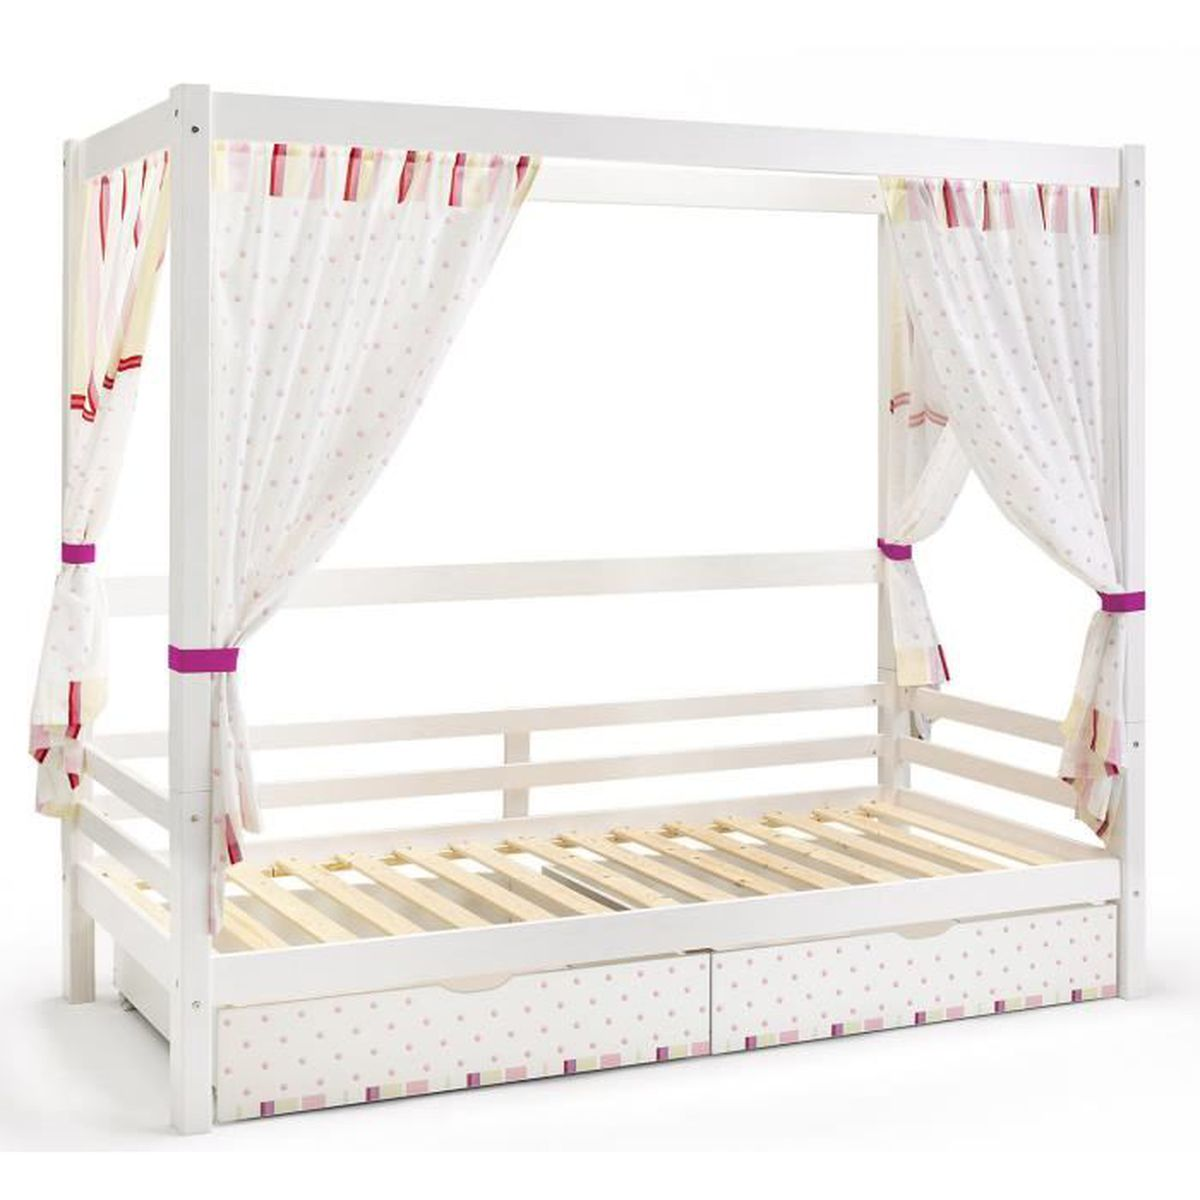 lit baldaquin en bois mdf et pin massif coloris blanc et rose avec 2 tiroirs h 183 x l 211 x. Black Bedroom Furniture Sets. Home Design Ideas